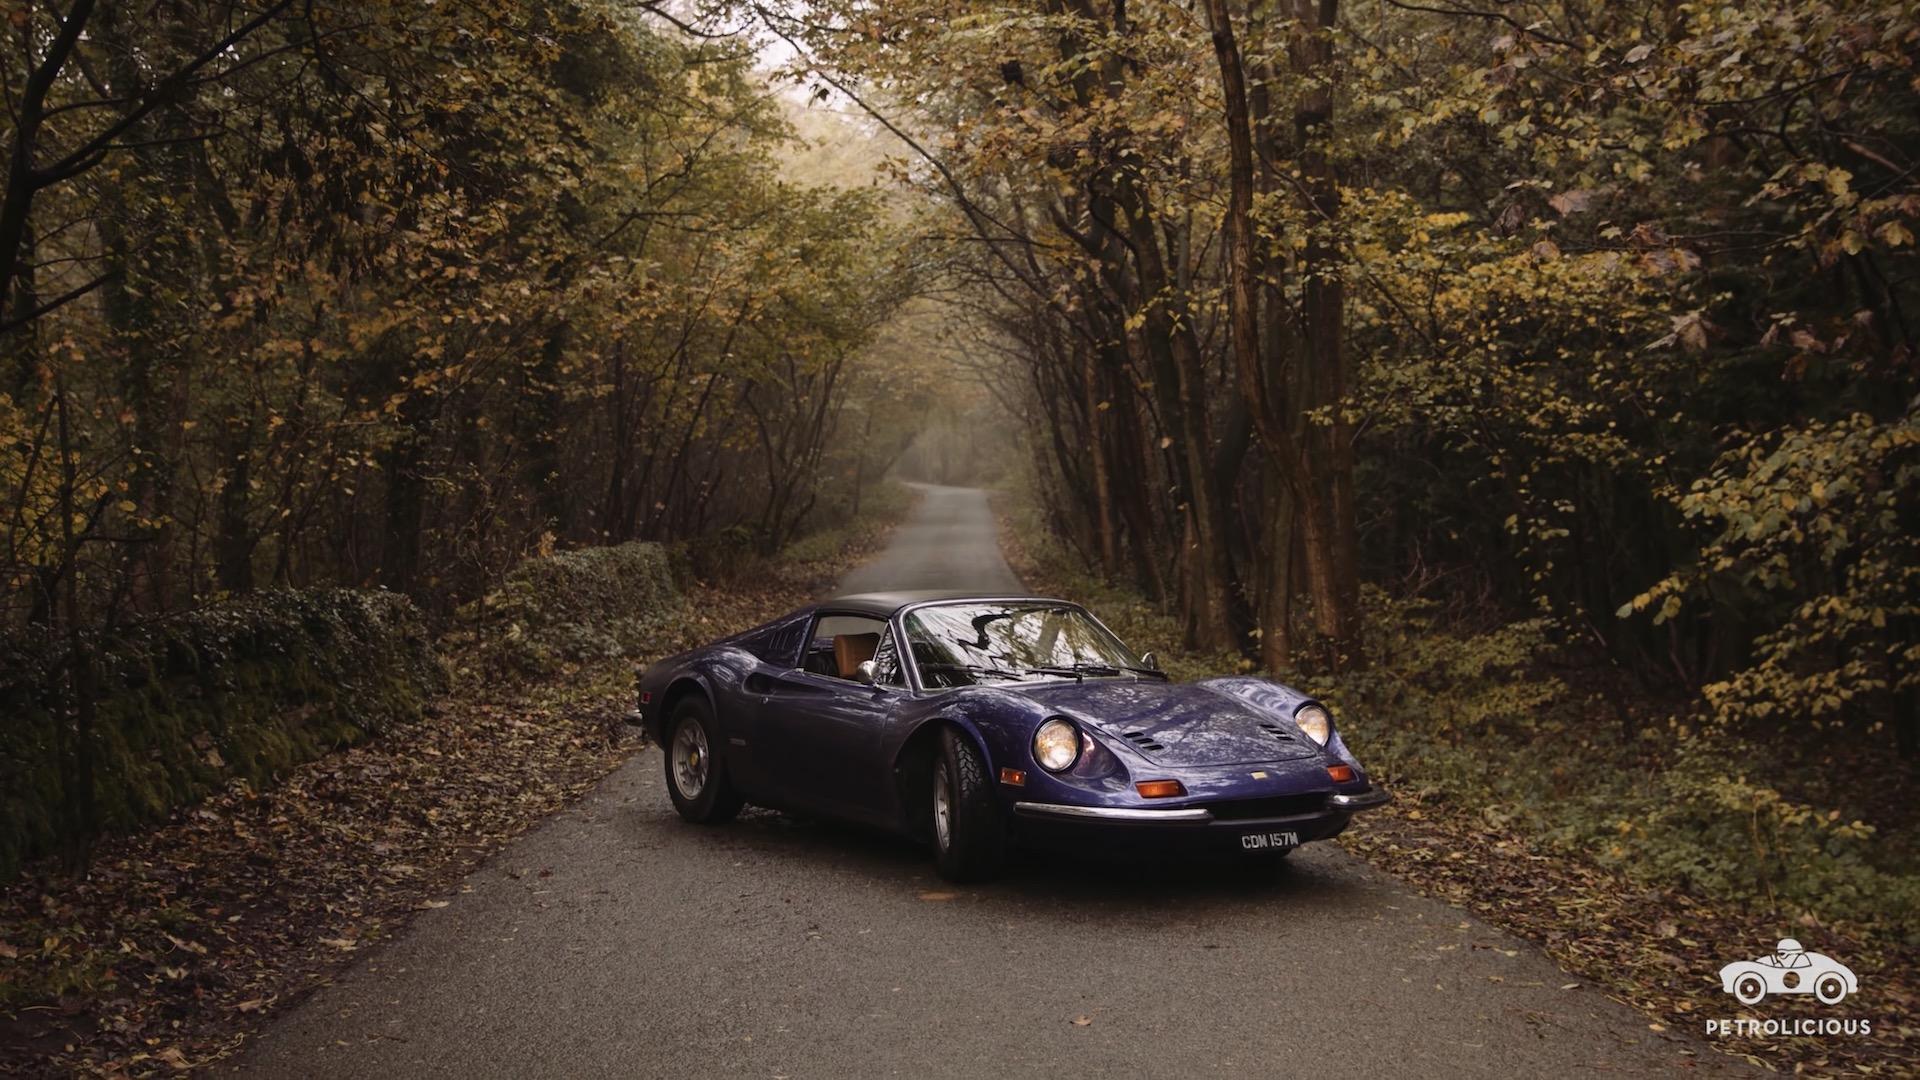 Liebeserklärung An Einen 1974er Ferrari Dino 246 Gts Mit Dem Namen Viola Gillyberlin